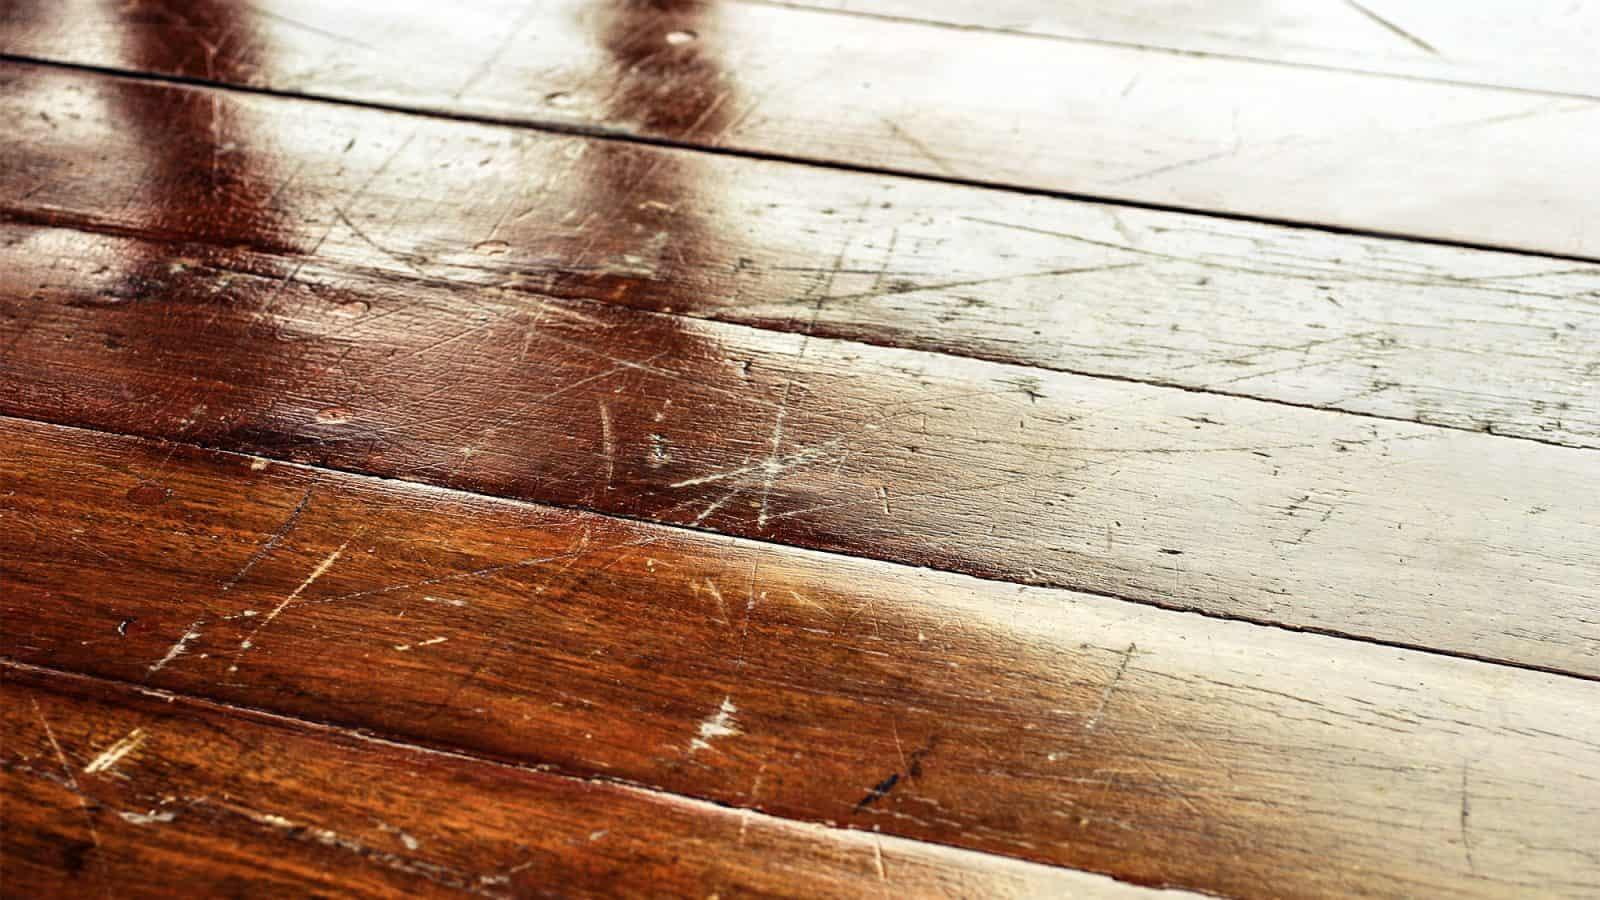 scratches on hardwood floor